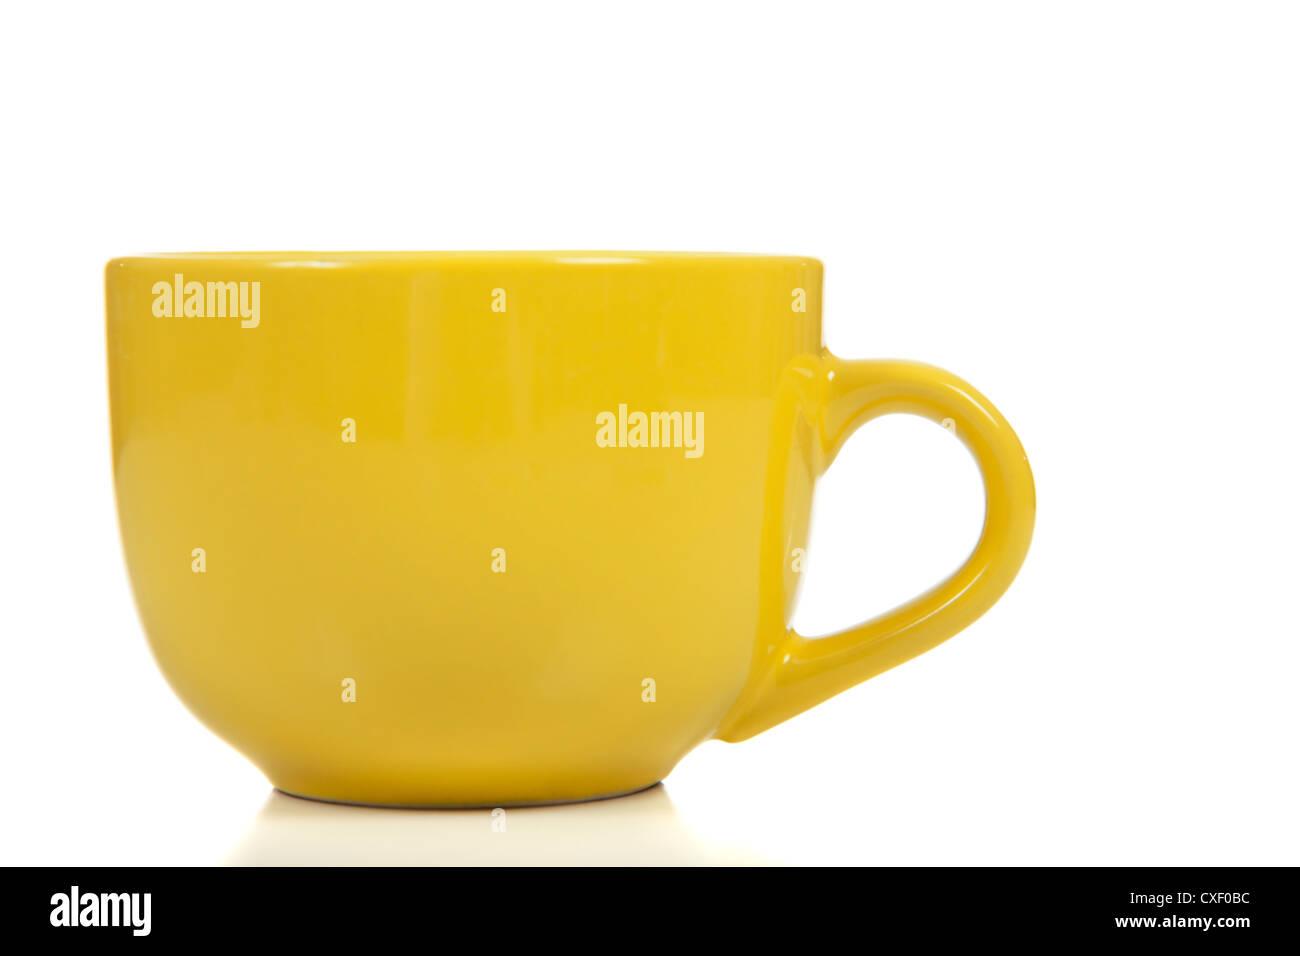 Boccale giallo su sfondo bianco Immagini Stock